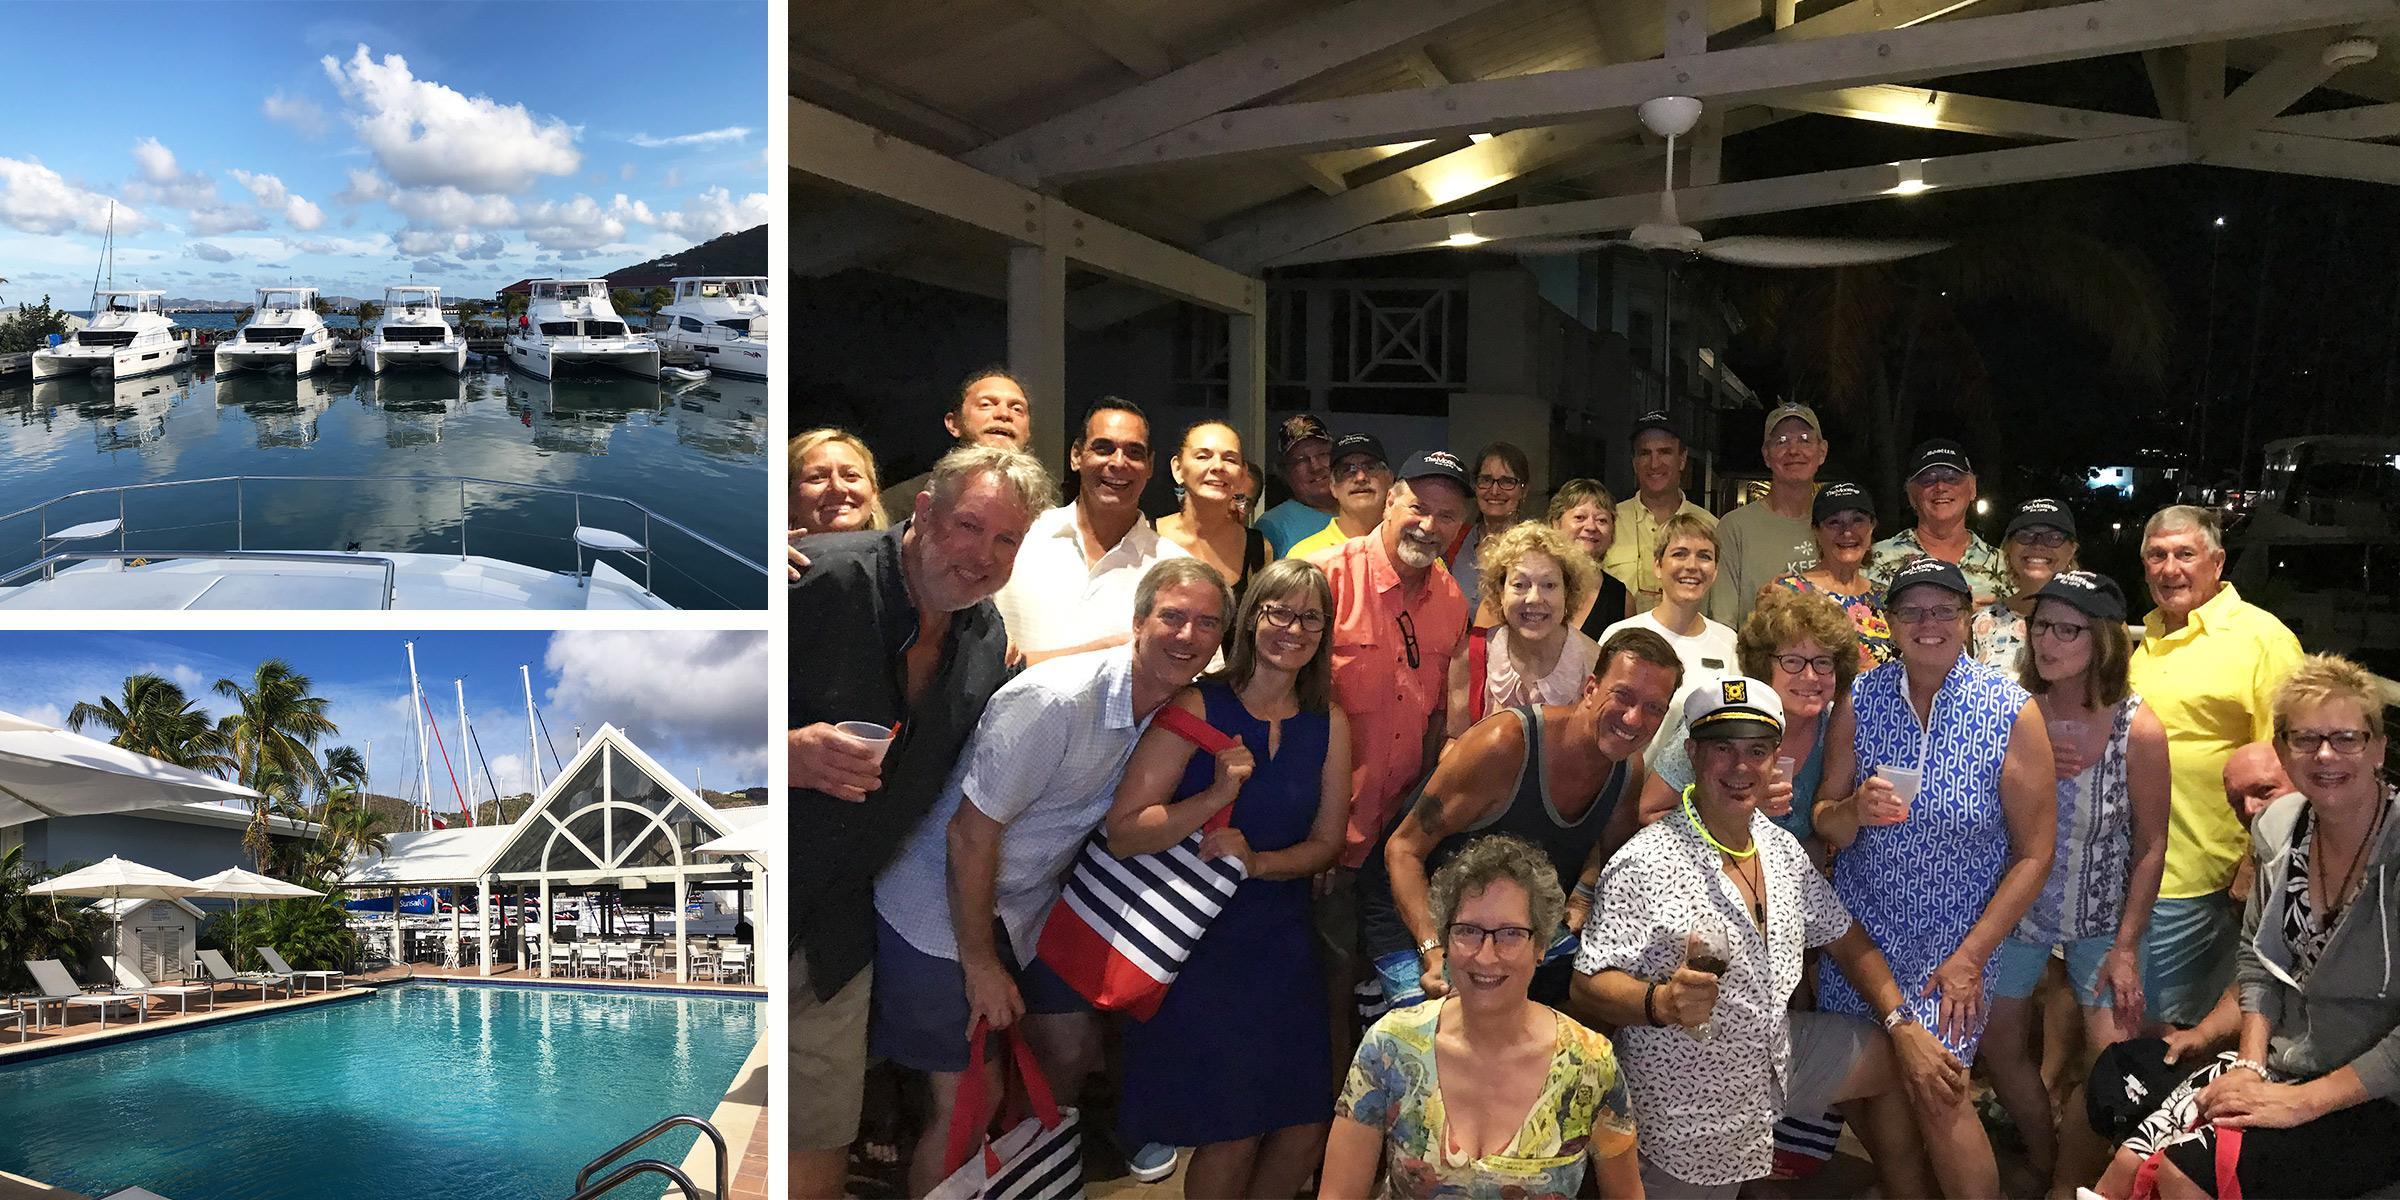 BoatU.S. Flotilla Group 2019 at Tortola Base